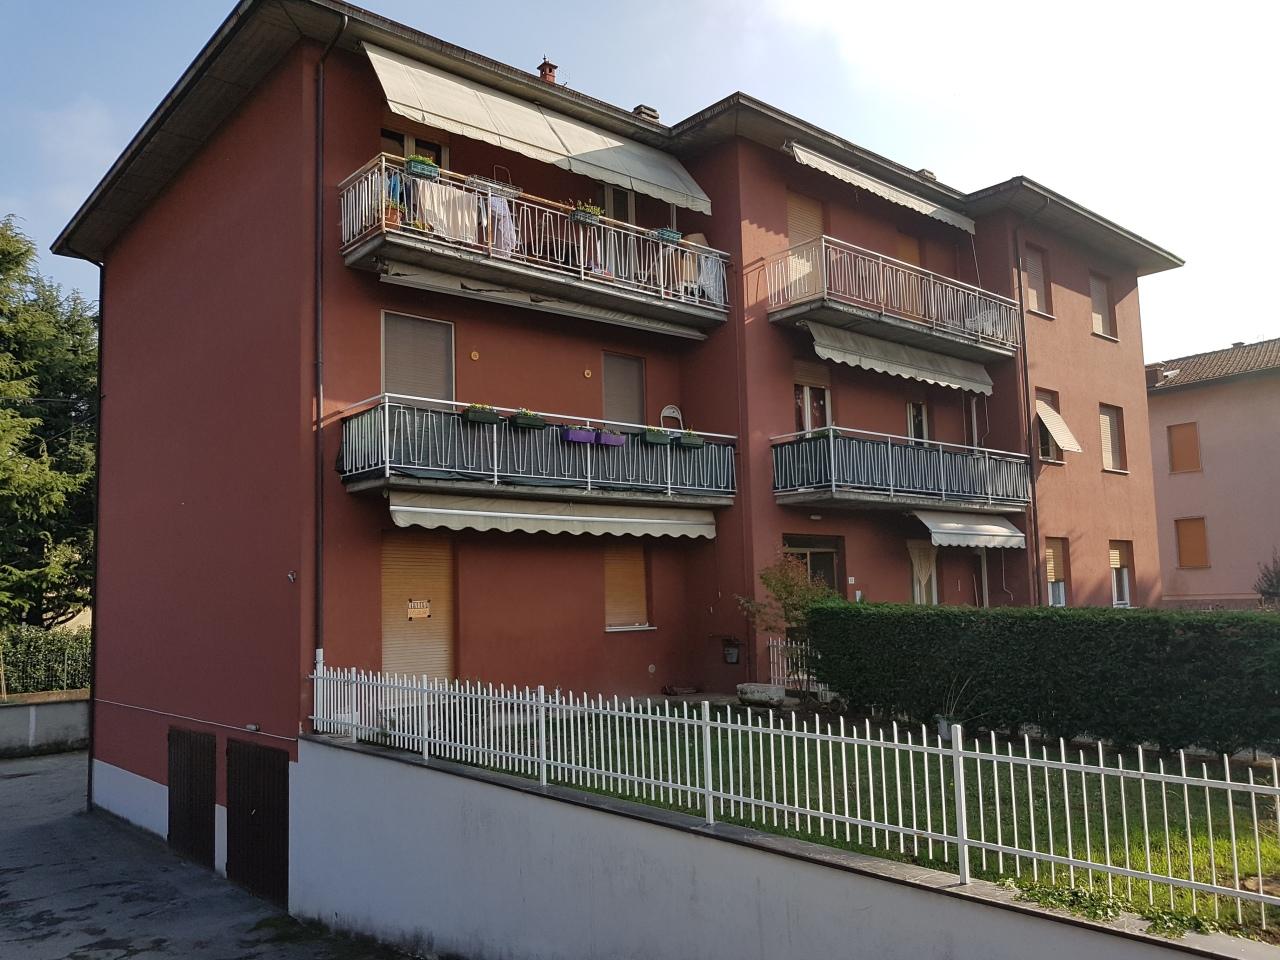 Appartamento in vendita a Solignano, 3 locali, prezzo € 60.000   CambioCasa.it